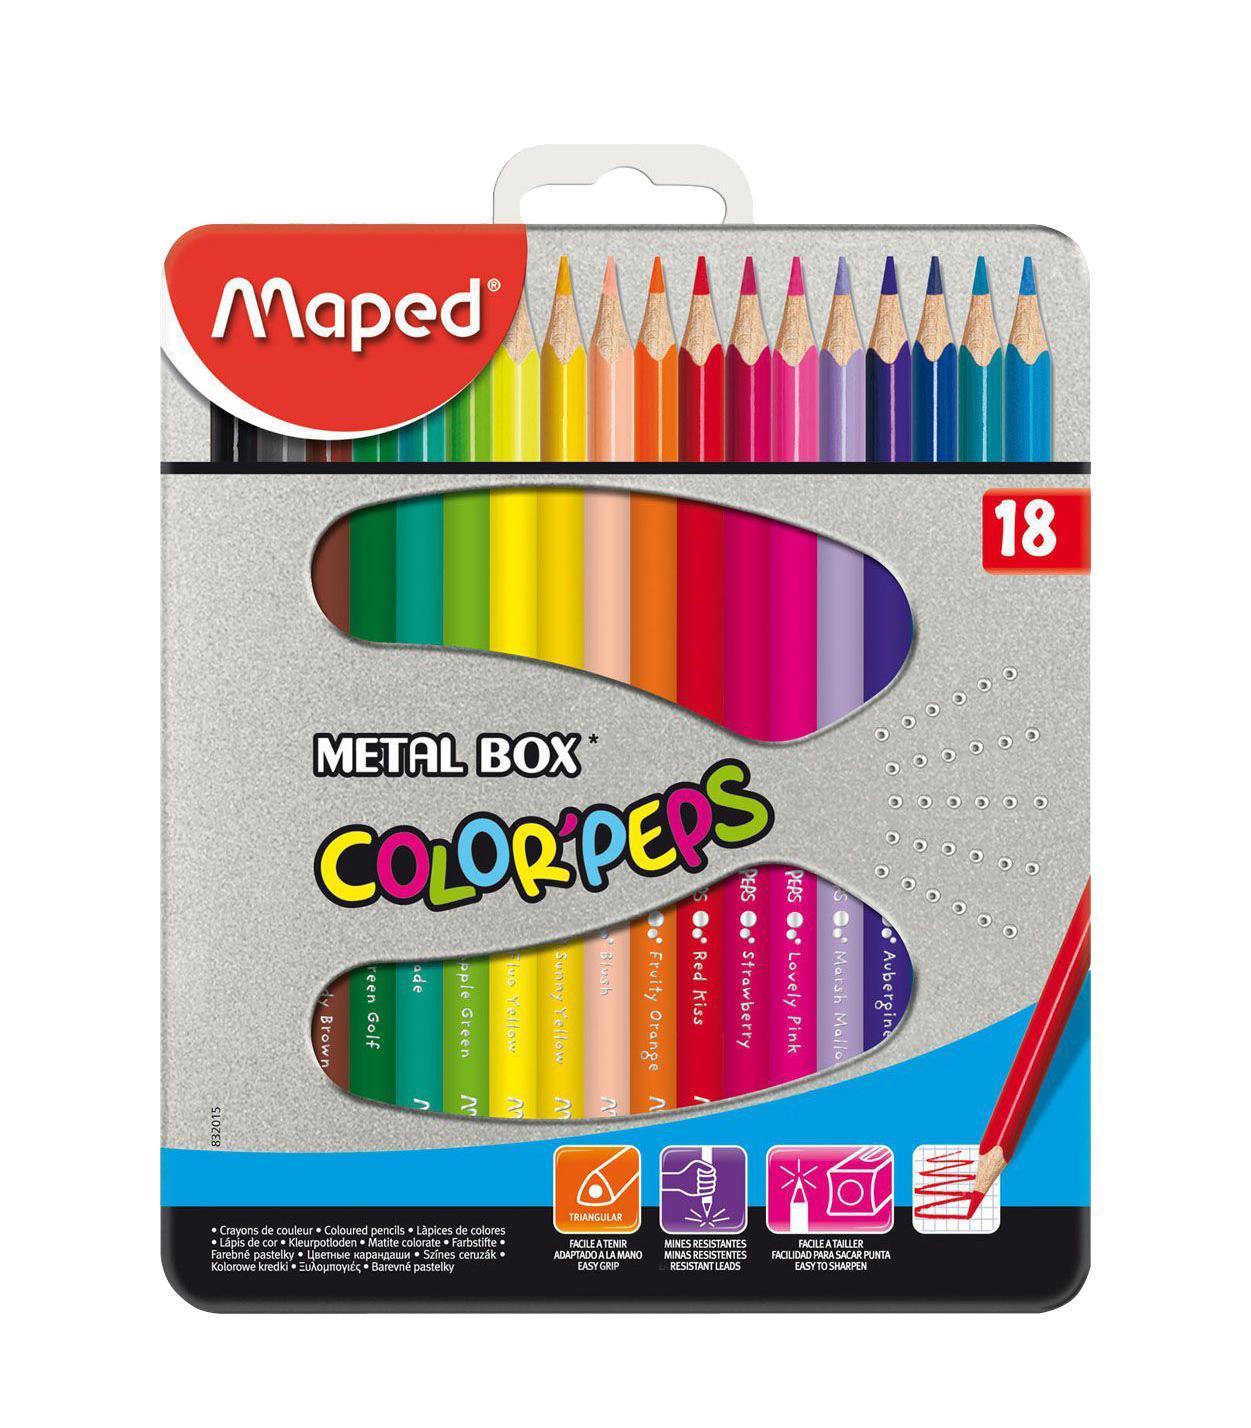 Карандаши цветные Maped Color Peps, в металлическом футляре, 18 цветов832015В процессе рисования у малышей развивается наглядно-образное мышление, воображение, мелкая моторика рук, творческие и художественные способности, вырабатывается усидчивость и аккуратность. Набор содержит карандаши 18 ярких насыщенных цветов, упакованных в прочный металлический футляр. Все карандаши предварительно заточены. Цветные карандаши Color Peps разработаны специально для самых маленьких художников, которые только начинают свой творческий путь. Эргономичный трехгранный корпус из американской липы особенно удобен для маленьких детских ручек. Специальное покрытие и многослойная лакировка уменьшают скольжение, что делает процесс рисования максимально комфортным. Мягкий, ударопрочный грифель не ломается и не крошится при заточке. В процессе рисования у малышей развивается наглядно-образное мышление, воображение, мелкая моторика рук, творческие и художественные способности, вырабатывается усидчивость и аккуратность. Набор содержит карандаши...